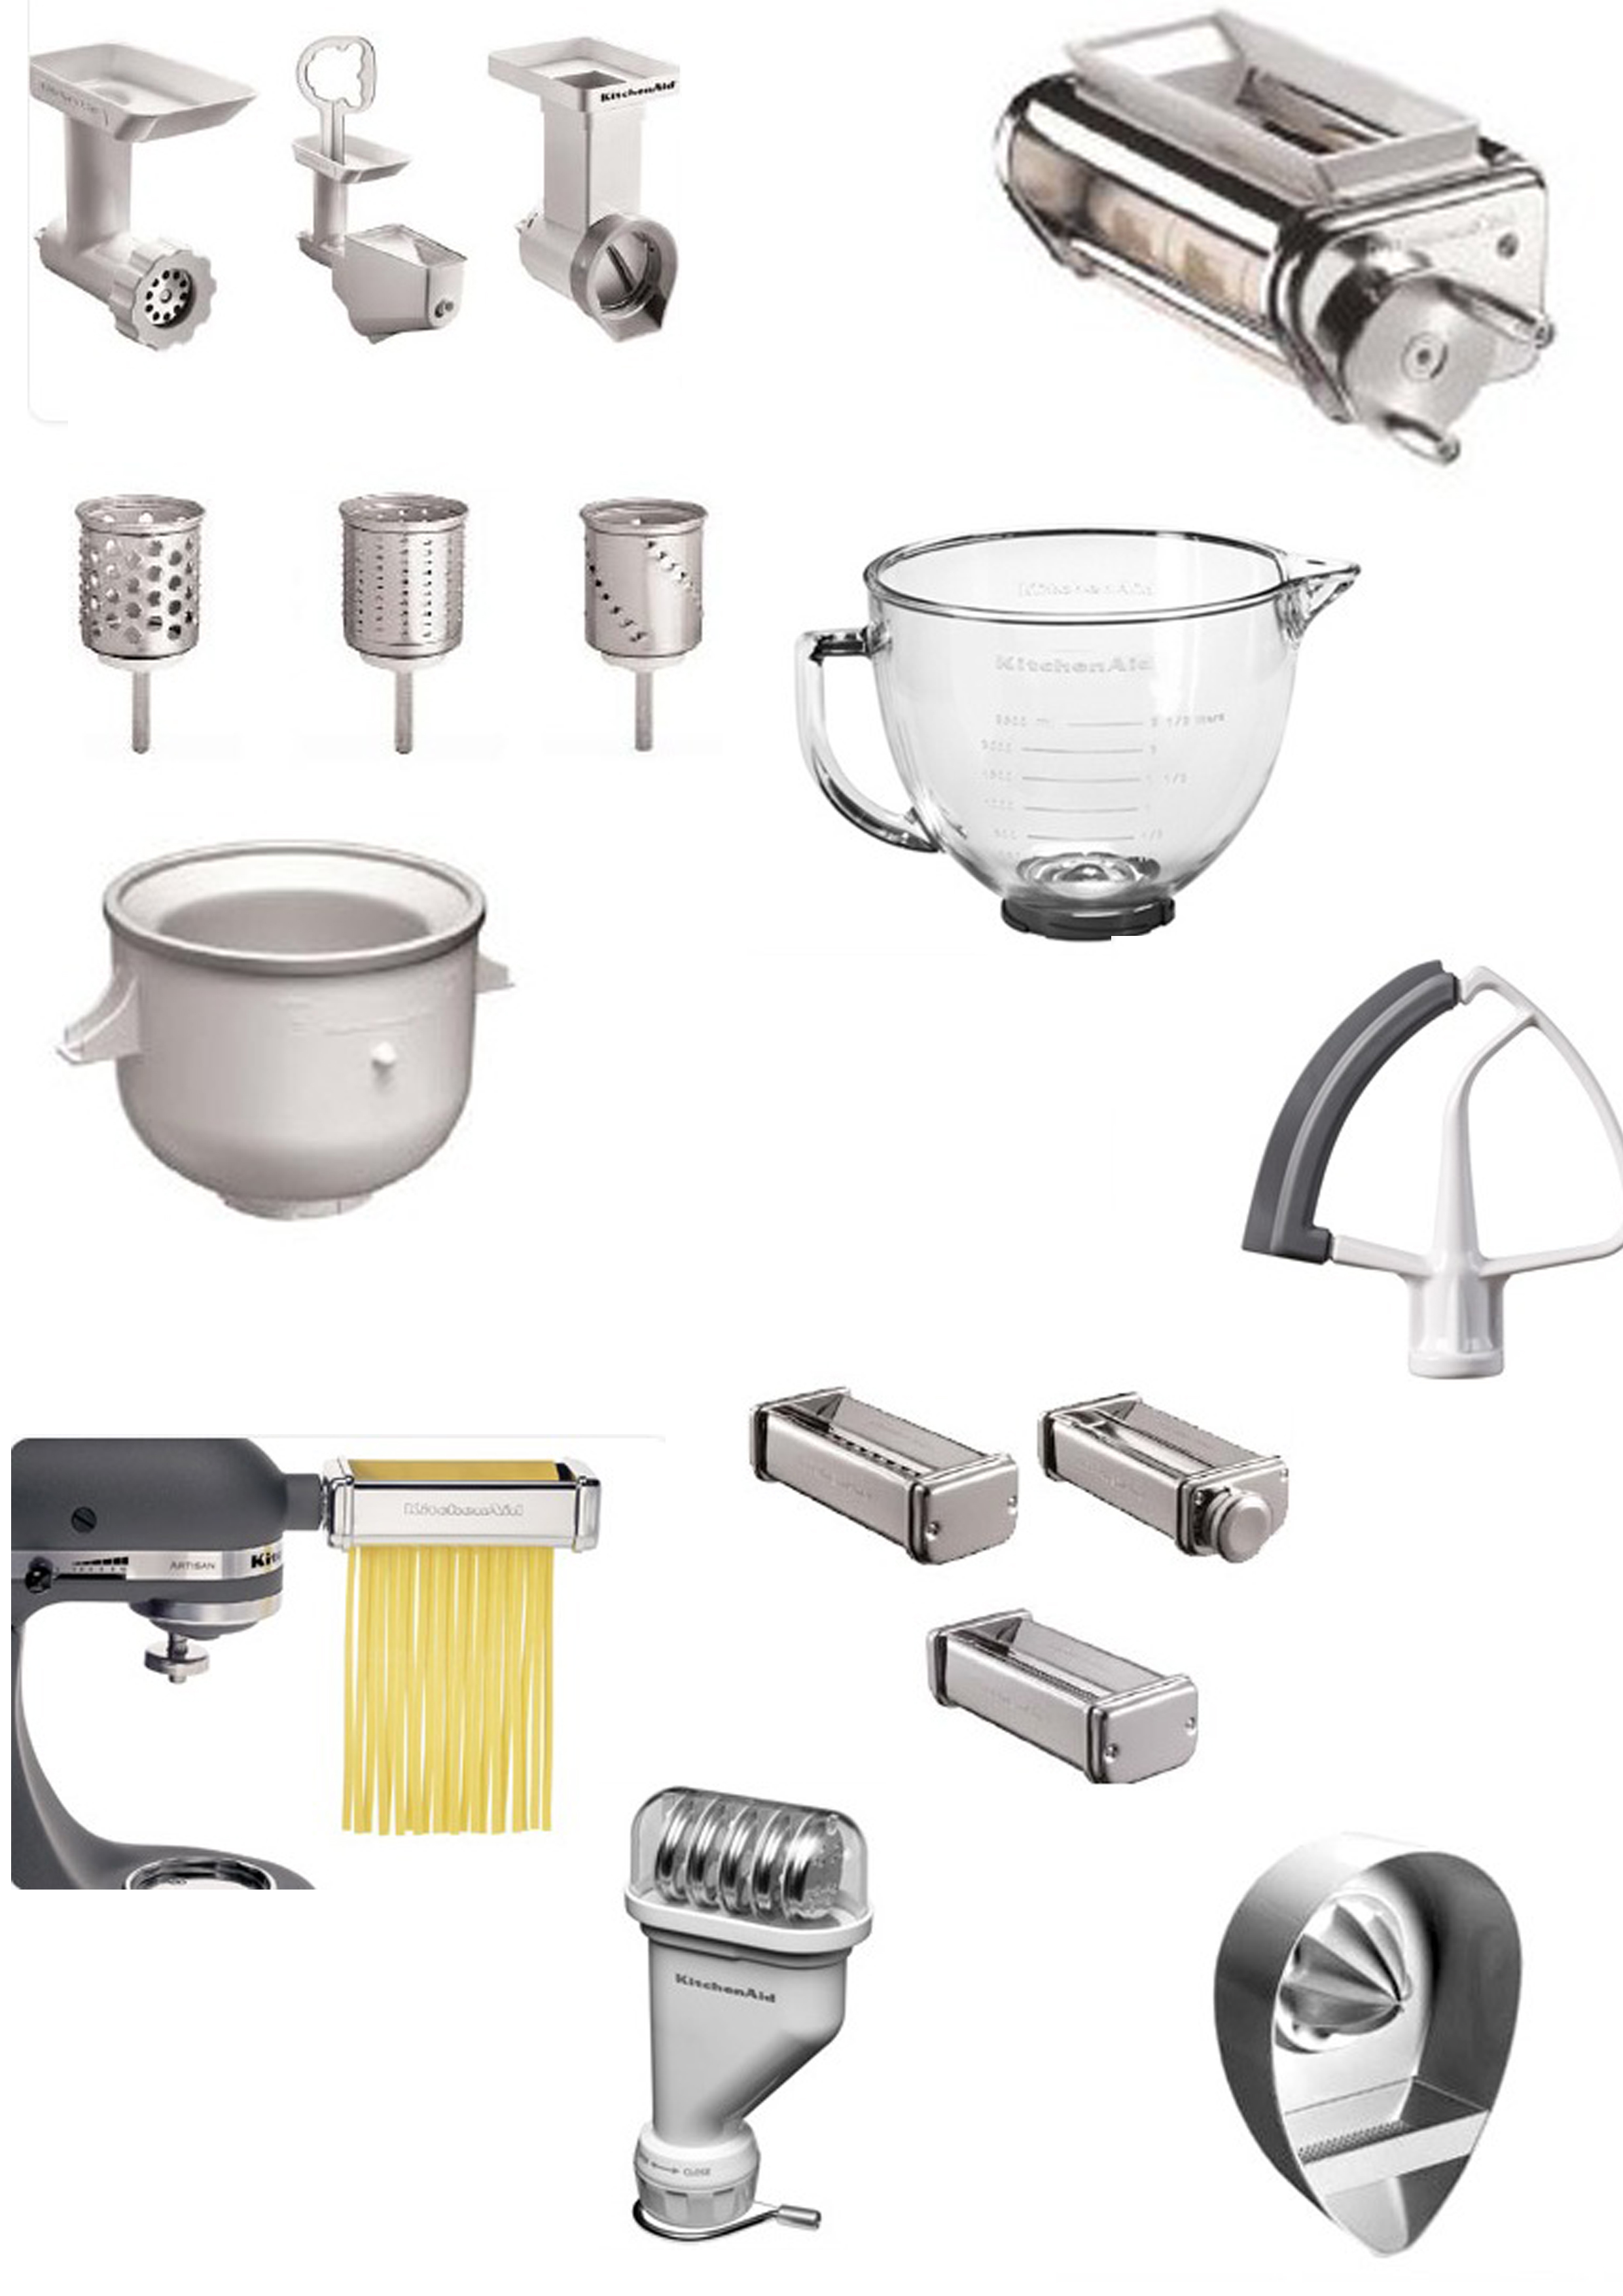 Set di accessori per robot da cucina artisan kitchenaid piccoli elettrodomestici in lista - Lista utensili da cucina ...